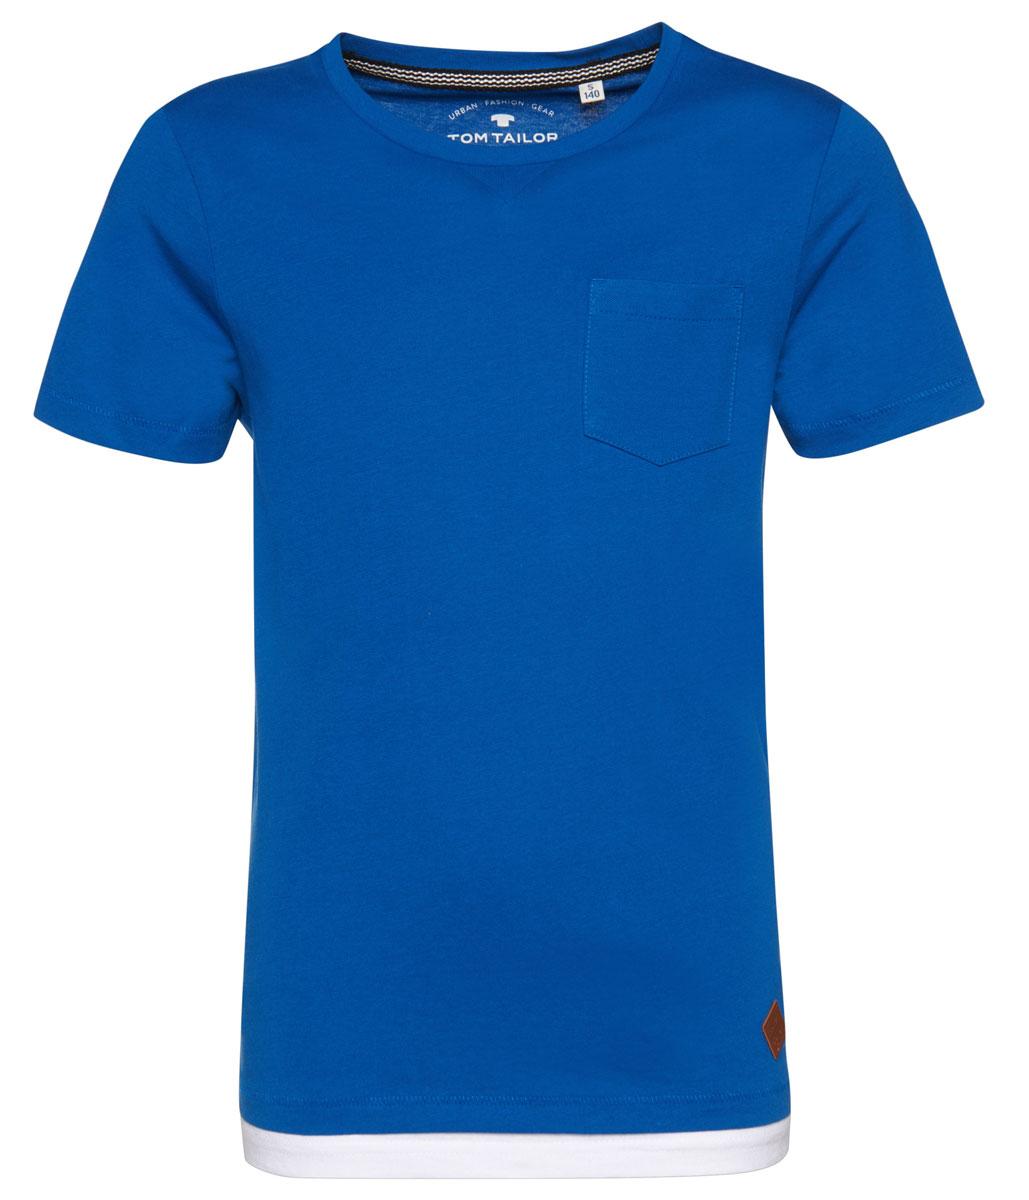 Футболка для мальчика Tom Tailor, цвет: синий. 1035492.40.30_6610. Размер 1521035492.40.30_6610Футболка выполнена из высококачественного материала. Модель с круглым вырезом горловины и короткими рукавами.